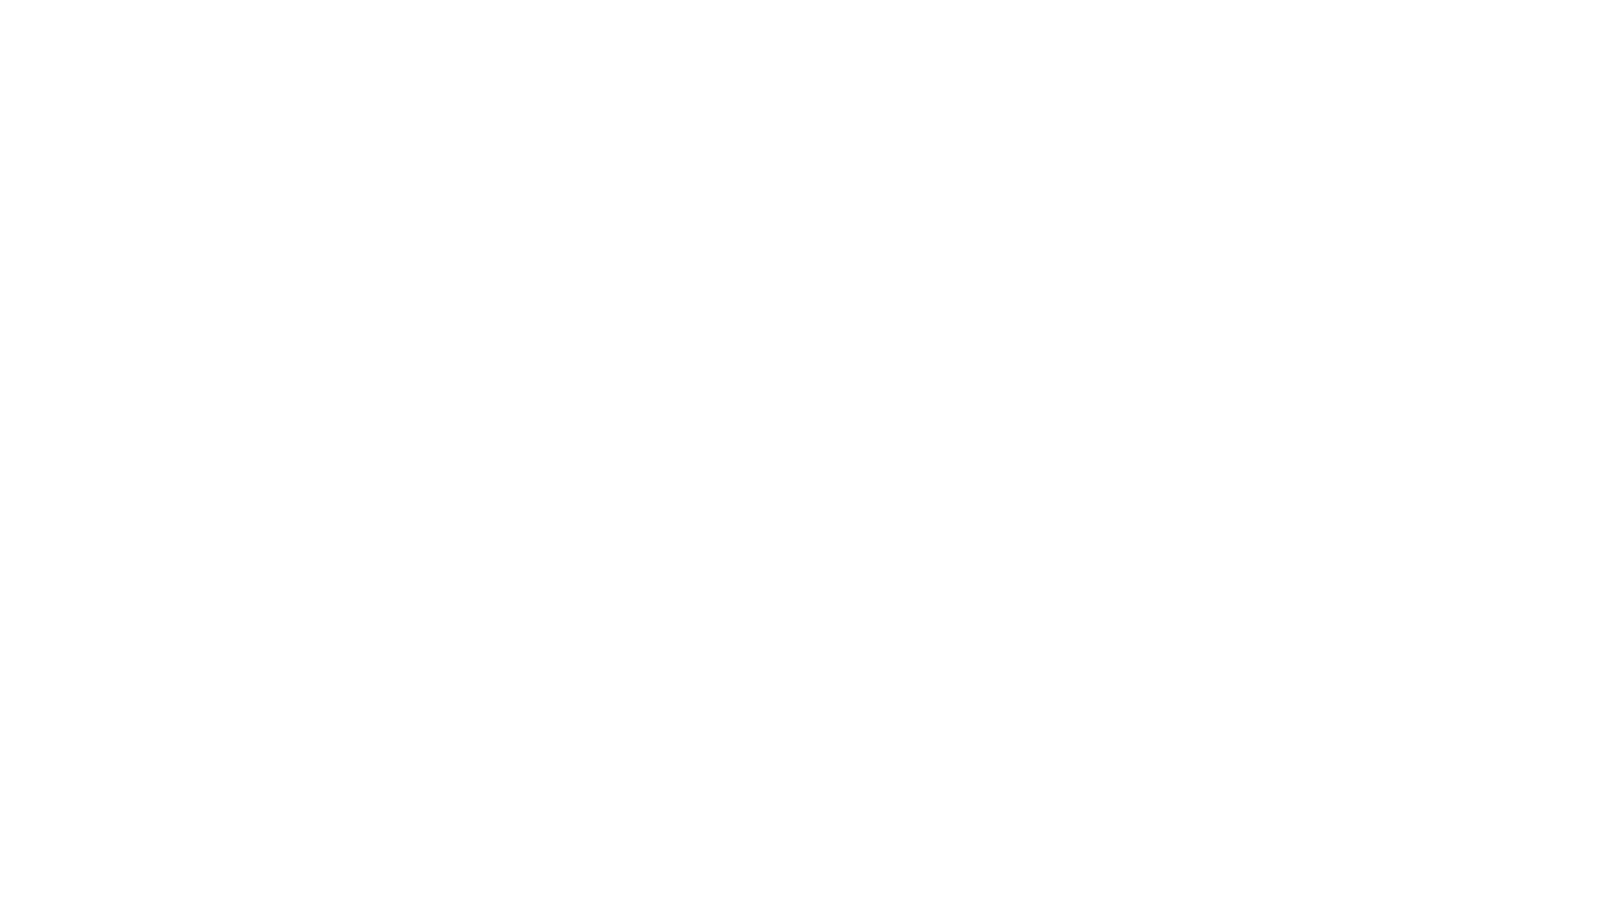 """Друзья, приглашаем к просмотру программы """"Бог есть. Нет сомнения. #19 Камол:  """"Бог сохранил мне жизнь после взрыва в церкви, чтобы сегодня я мог свидетельствовать всему миру, что Он Живой, что Он есть!""""  Личная страница Камола в """"Вконтакте"""": https://vk.com/bilijons  Программа """"Бог есть. Нет сомнения"""" в Вконтакте: https://vk.com/god_is_no_doubt Наш канал на Telegram: t.me/god_is_no_doubt  #Богесть #Богестьнетсомнения #христианство #христианин #свидетельствооБоге #свидетельство #протестант #протестантизм #евангельскиехристиане #благаявесть #евангелие #библия #ИисусХристос #христианеверыевангельской"""